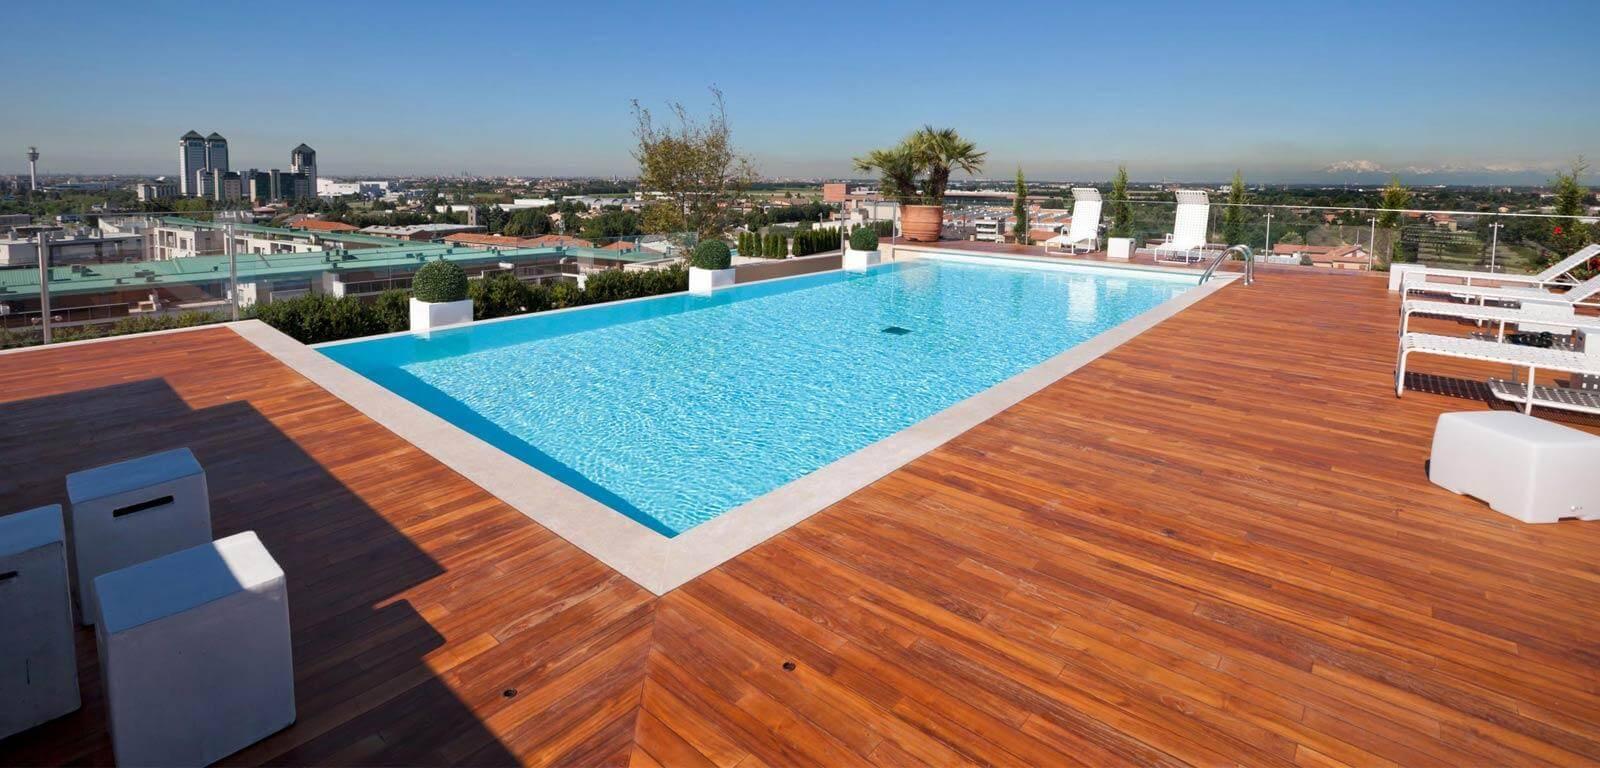 È possibile mettere una piscina sul terrazzo?